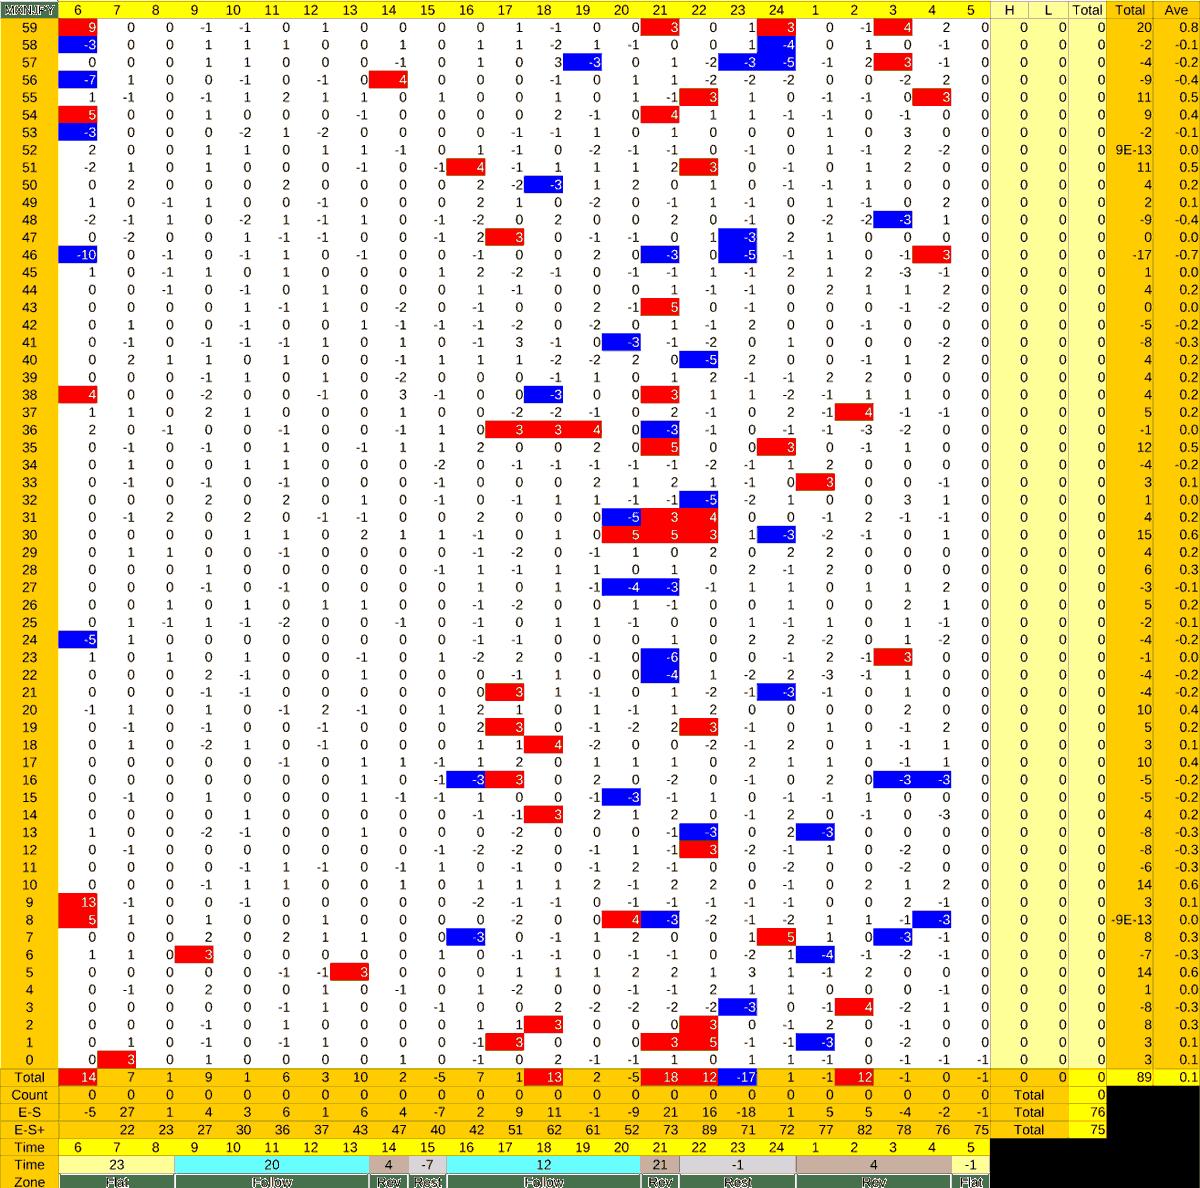 20210326_HS(3)MXNJPY-min